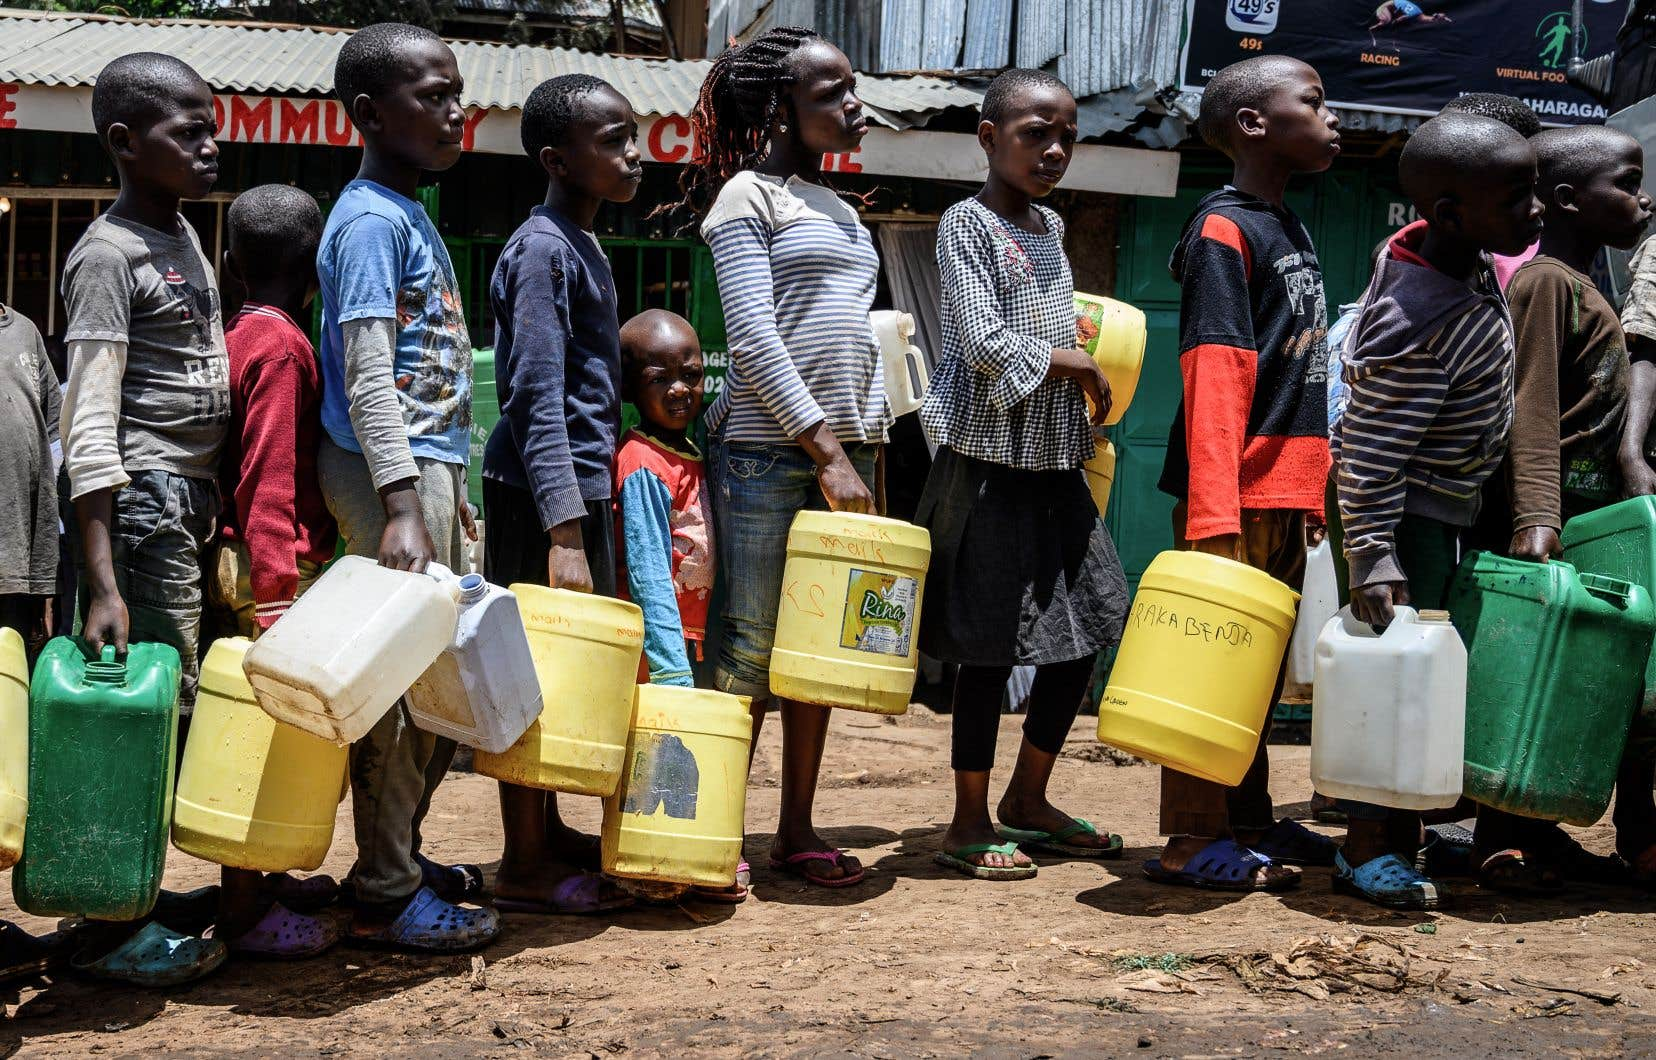 Tandis queles pays riches  multiplient les plans d'aide d'urgence aux travailleurs et aux entreprises touchées par la crise, les pays en développement «manquent cruellement de puissance de feu  financière et ont besoin de toute l'aide qu'ils peuvent obtenir, le plus rapidement possible», estime Oxfam.